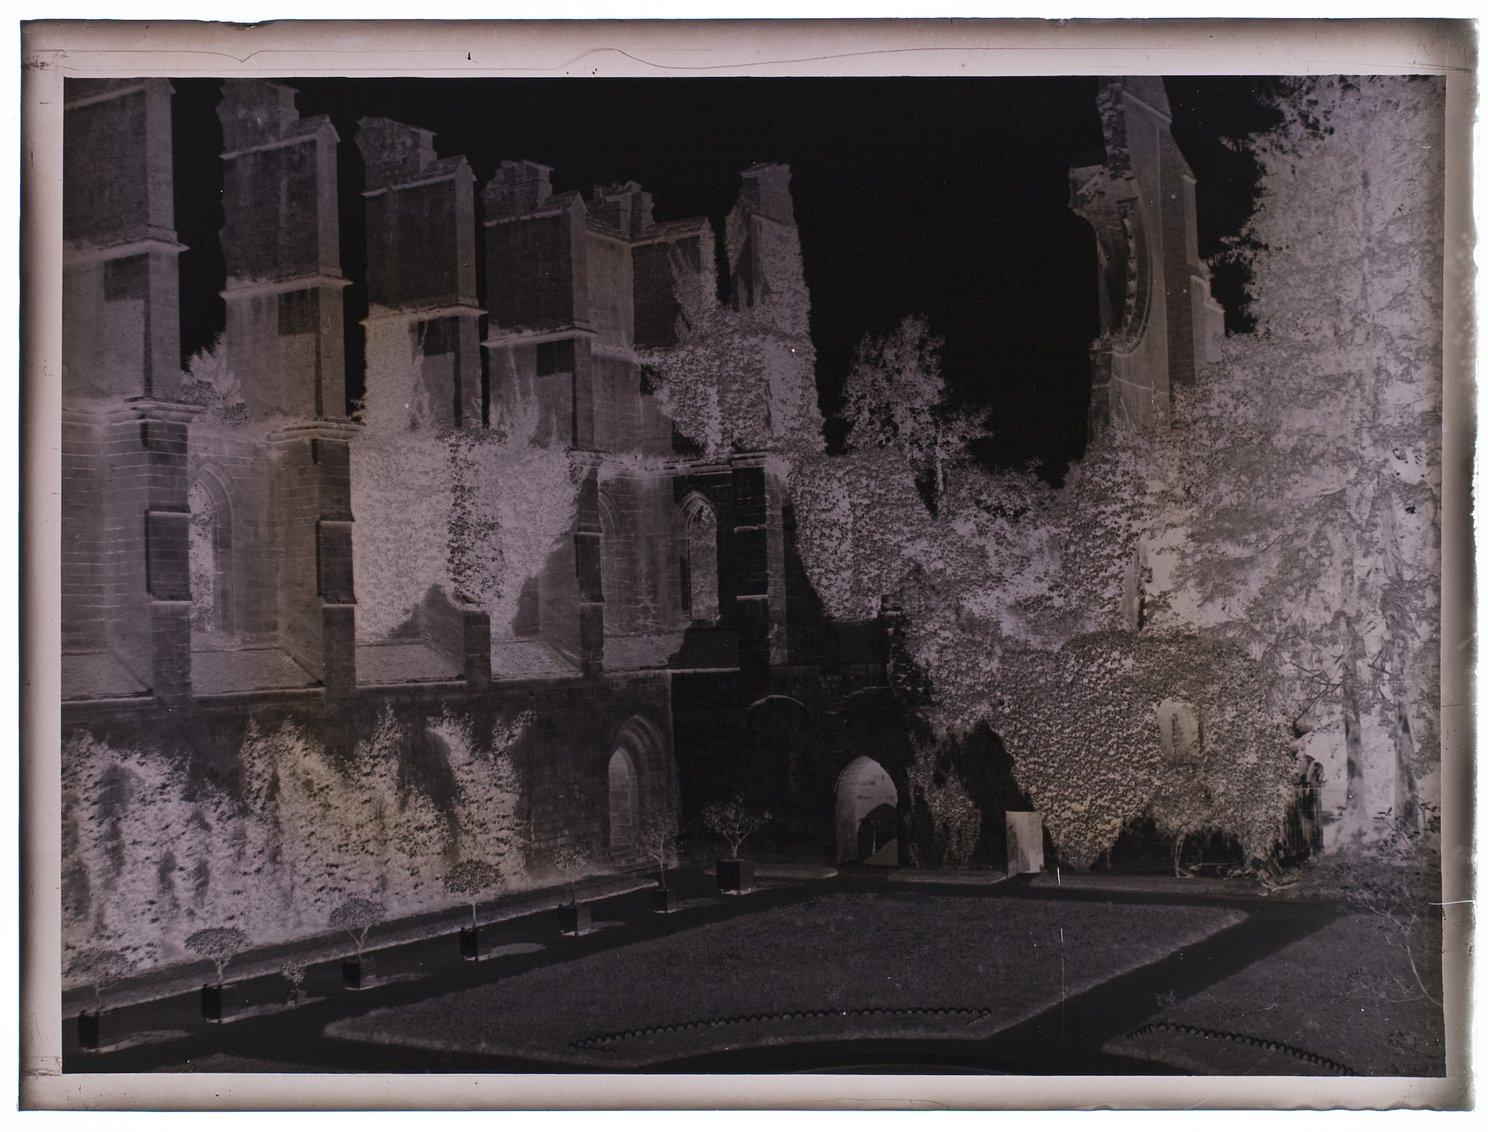 [Ruines de l'abbaye Notre-Dame de Longpont. C'est une abbaye cistercienne fondée en 1131 par Bernard de Clairvaux, dans une vallée marécageuse en  bordure de la forêt de Retz, à la demande de l'évêque de Soissons, Josselin de Vierzy. Elle fut détruite après le départ des moines à la Révolution française en 1793. En 1804 le Comte Henri de Montesquiou (1768-1844) rachète l'abbaye. Elle est classée monument historique depuis 1889. ]